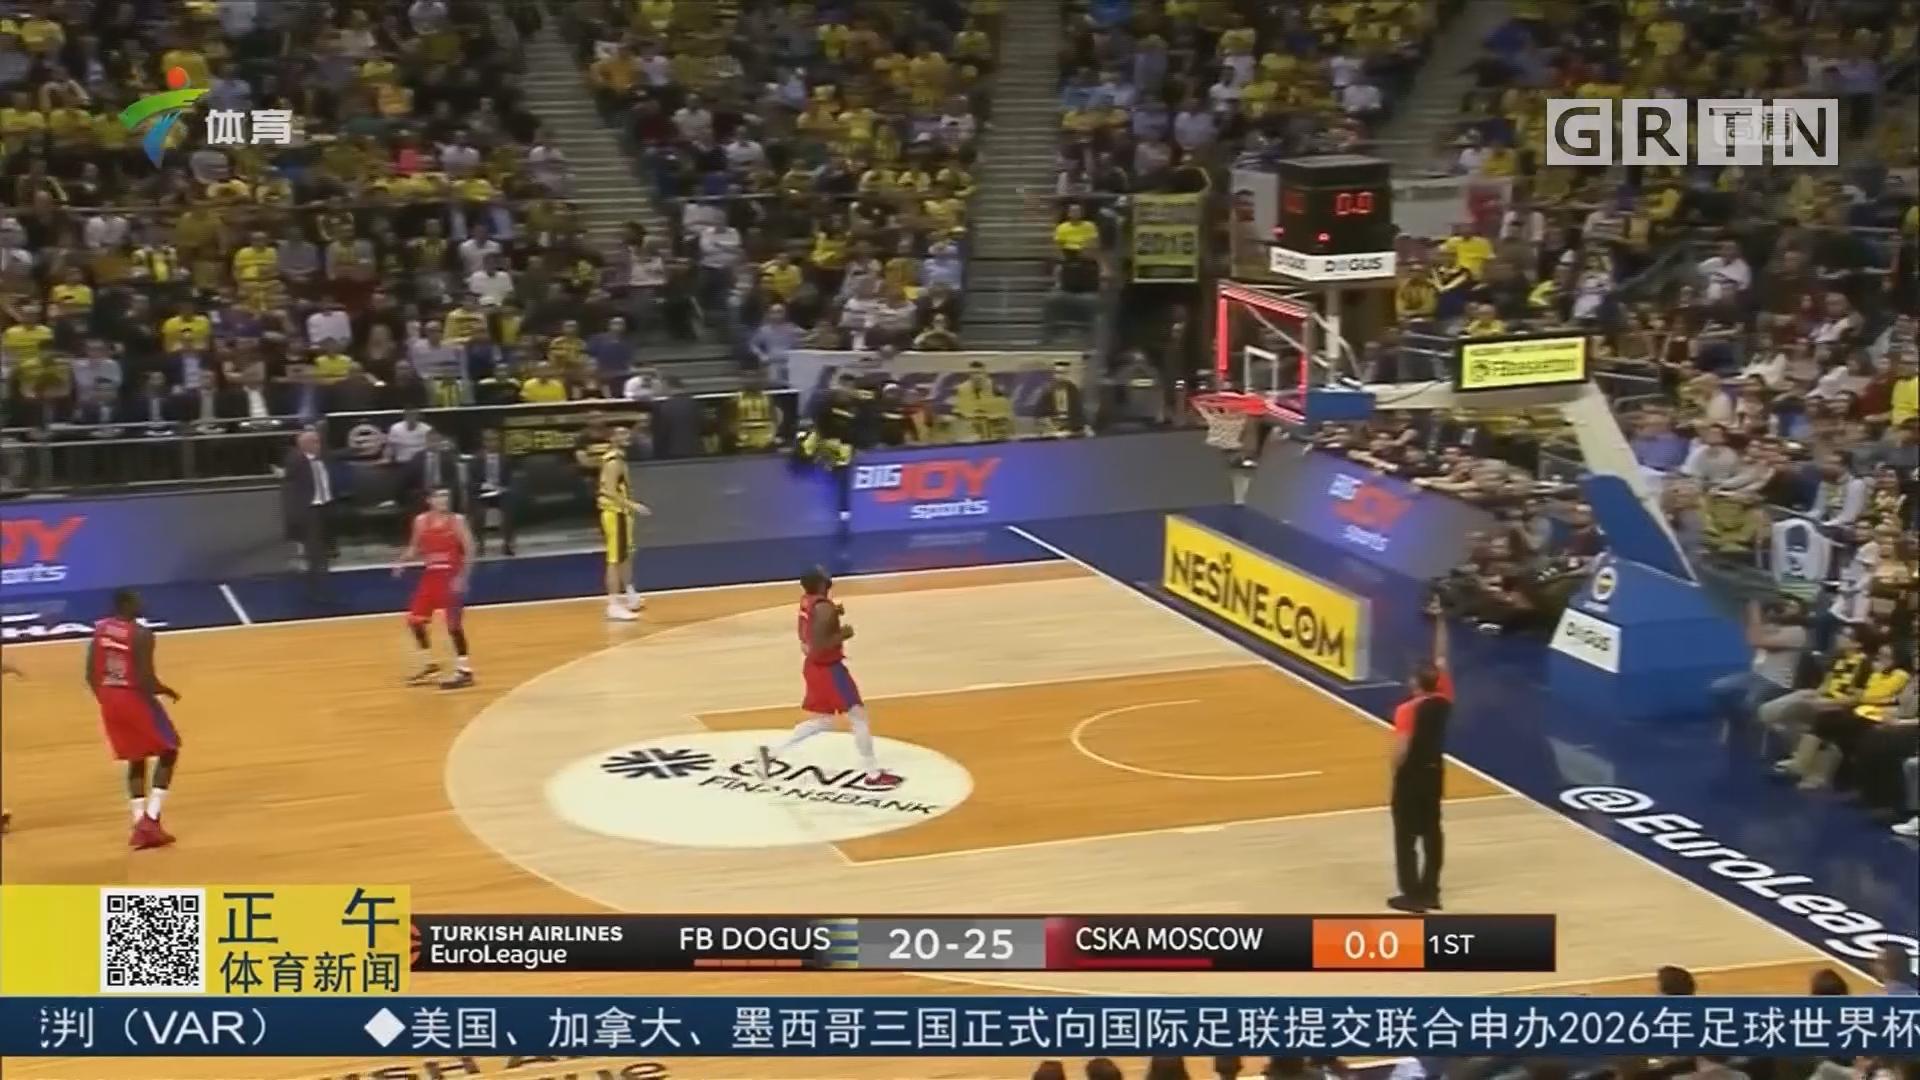 欧洲篮球冠军联赛 中央陆军队取4连胜